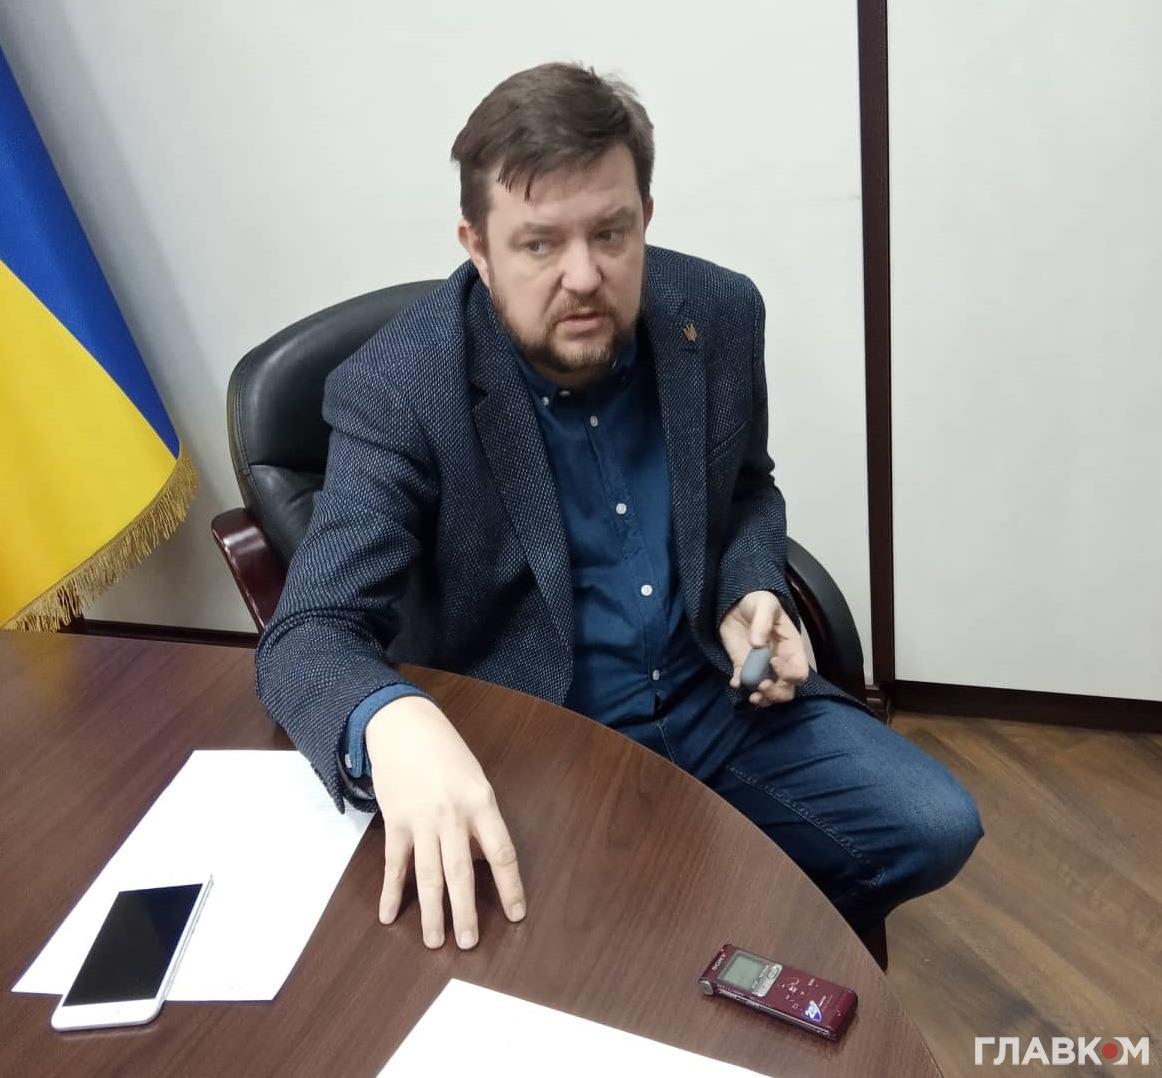 Заступник\ міністра охорони здоров'я Дмитро Коваль